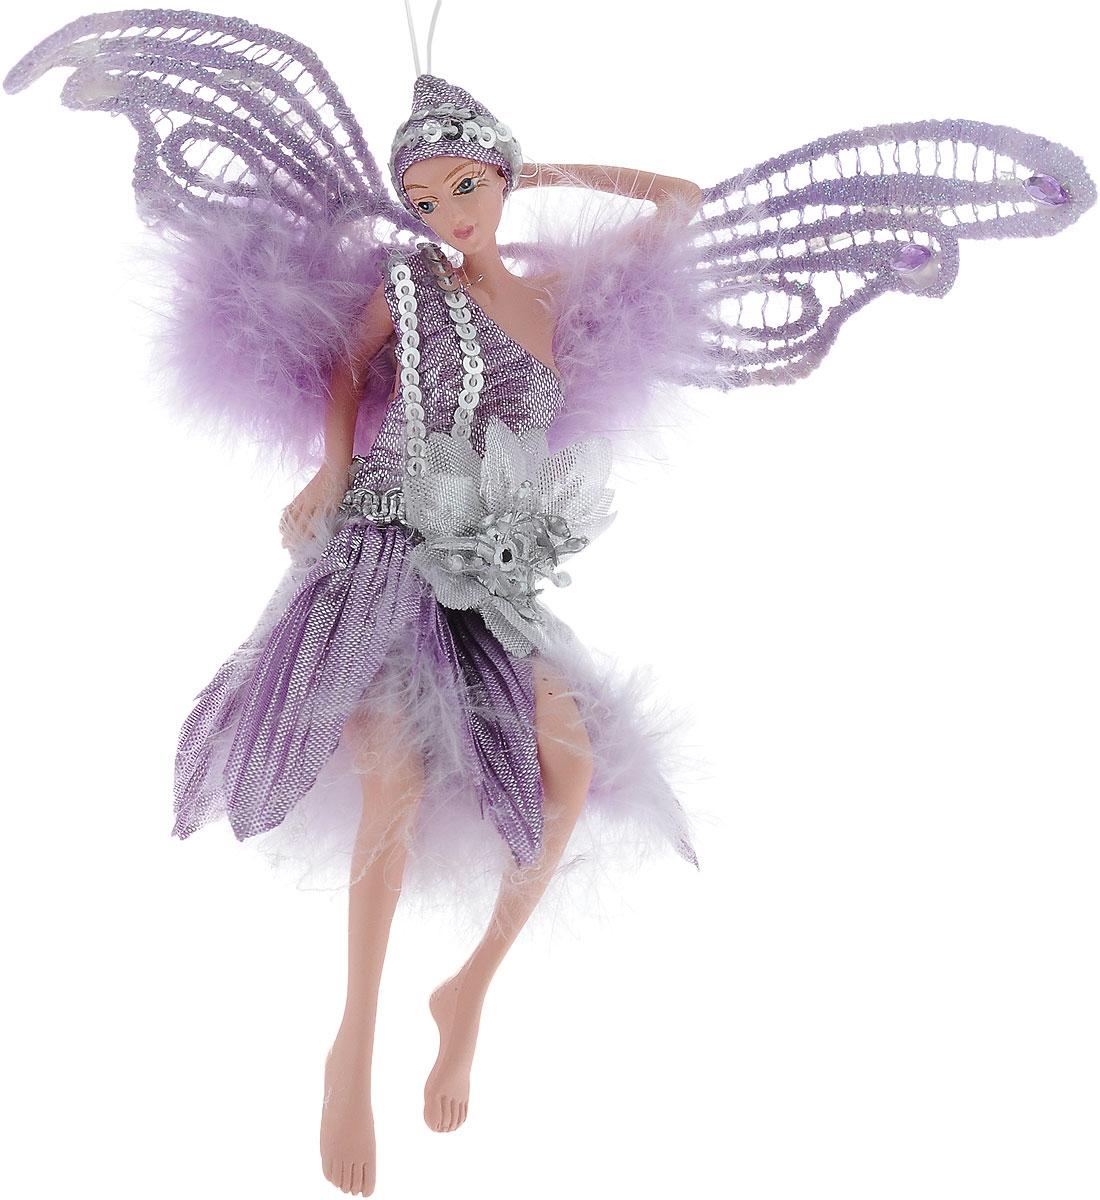 Украшение декоративное подвесное Winter Wings Фея, высота 15 смN181722Новогоднее подвесное украшение Winter Wings Феявыполнено из полирезины в виде очаровательной феи с крыльями. Изделиеоформлено перьями и блестками. Спомощьюспециальной петельки украшение можно повесить влюбом понравившемся вамместе. Но, конечно, удачнее всего оно будетсмотреться на праздничной елке.Елочная игрушка - символ Нового года. Она несет всебе волшебство и красотупраздника. Создайте в своем доме атмосферувеселья и радости, украшаяновогоднюю елку нарядными игрушками, которыебудут из года в год накапливатьтеплоту воспоминаний. Размер: 12 х 7 см. Высота: 15 см.